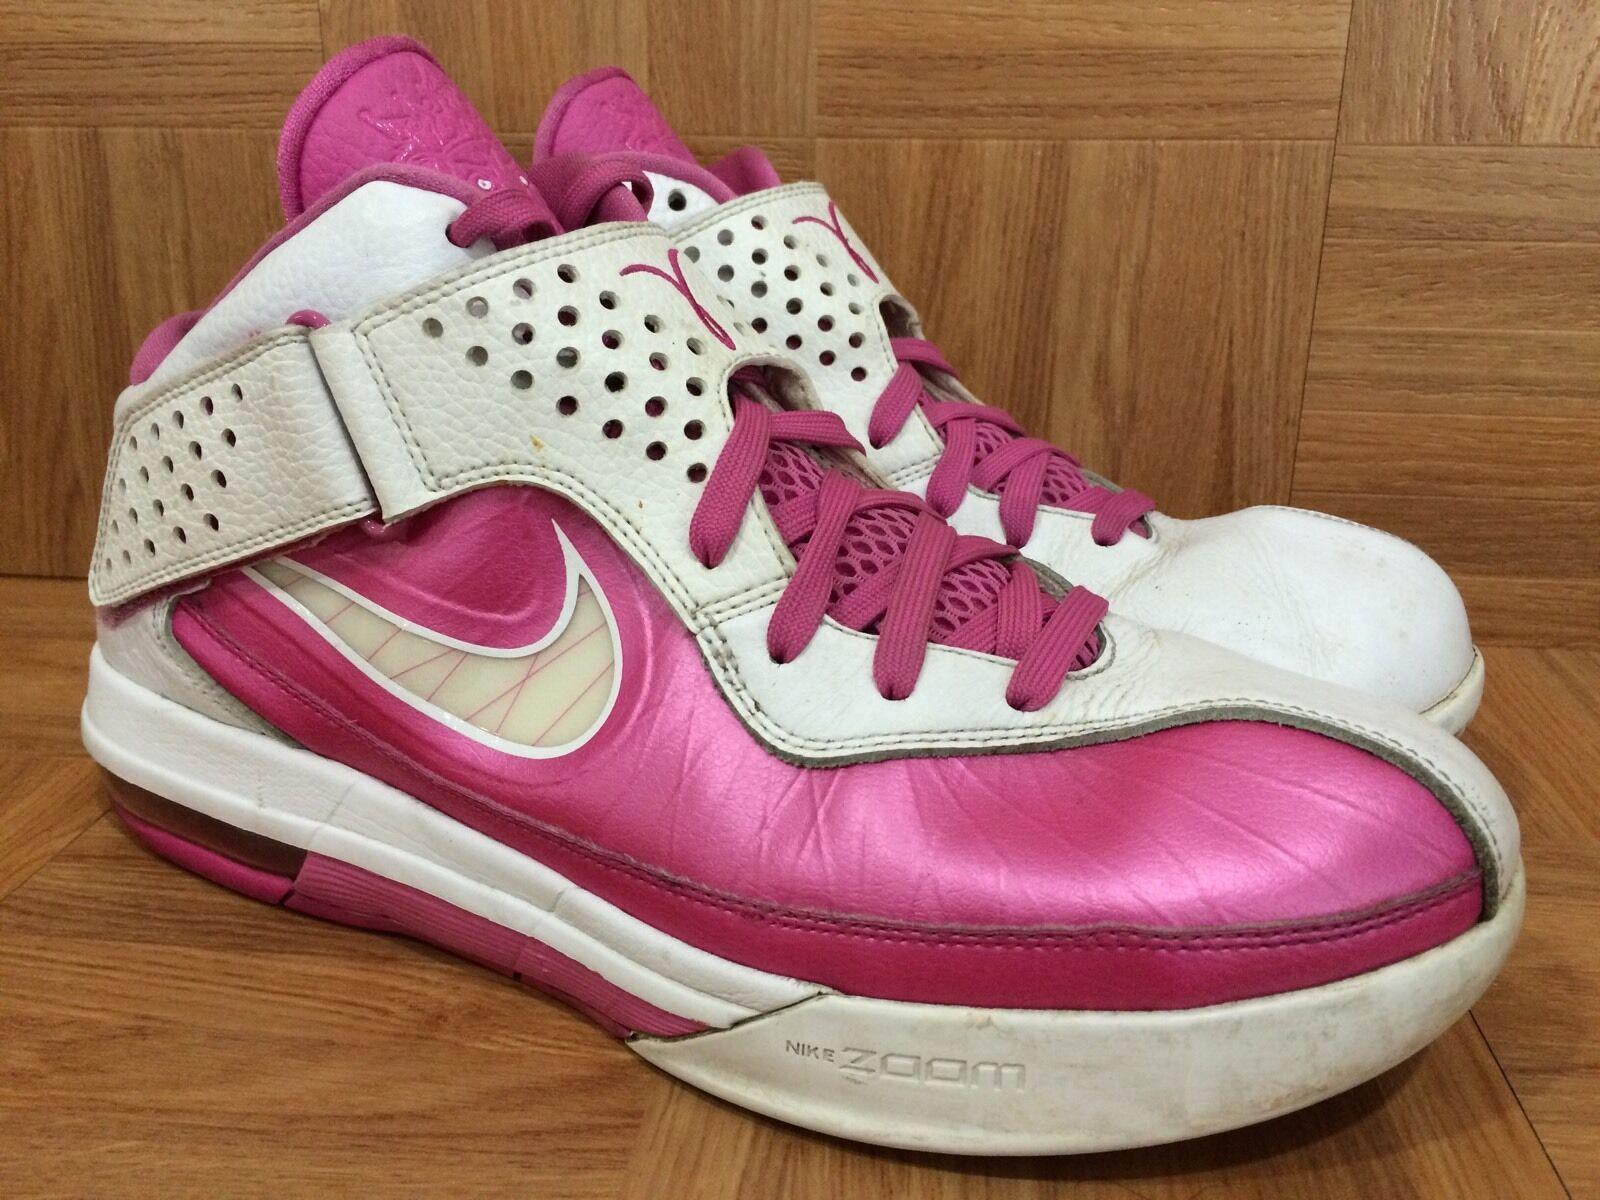 Raro nike air max soldato / 5 pinkfire s 13 454131-601 consapevolezza del cancro al seno